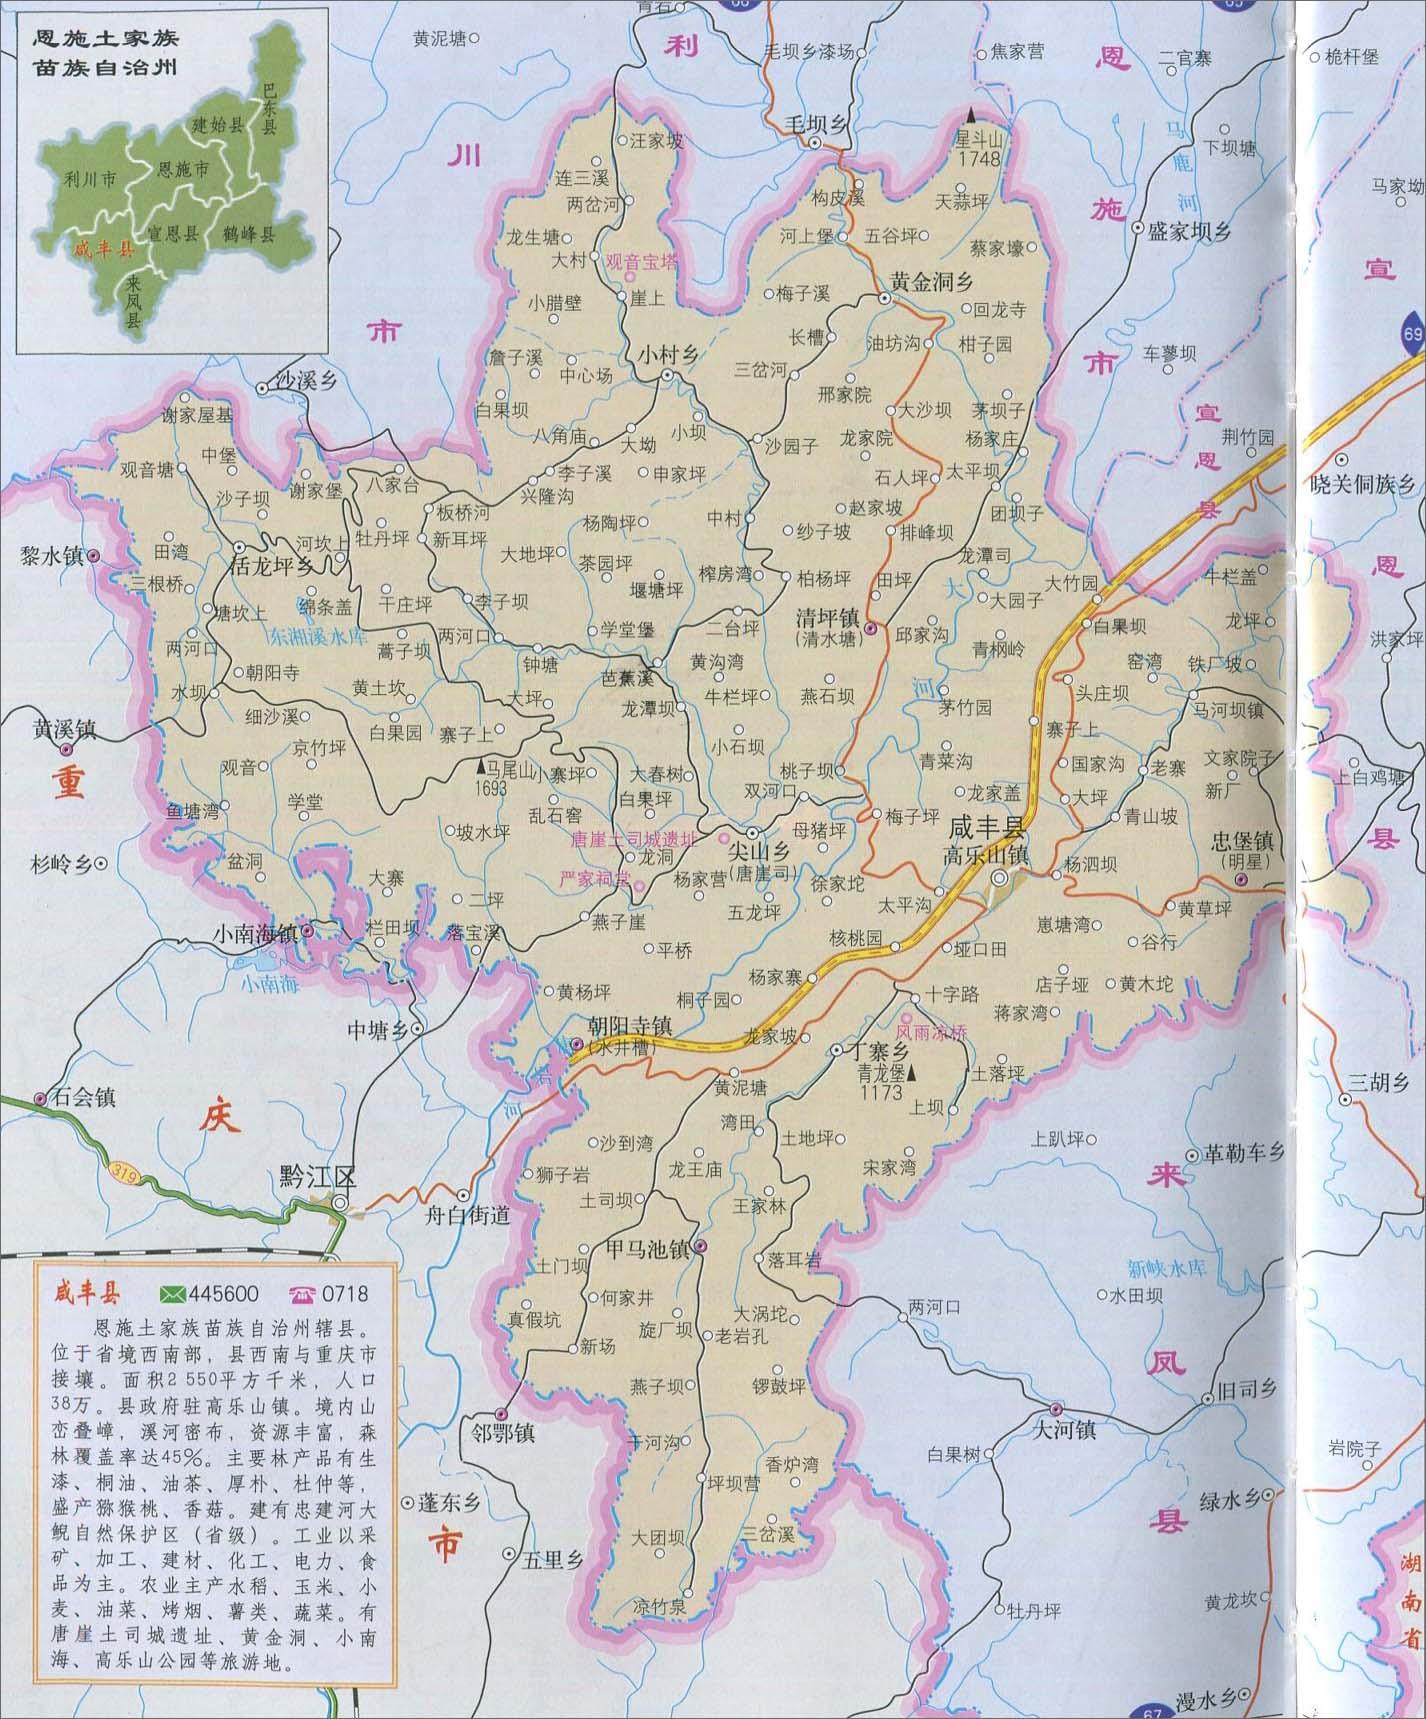 湖北省恩施市高速公路可以上摩托车到重庆吗图片